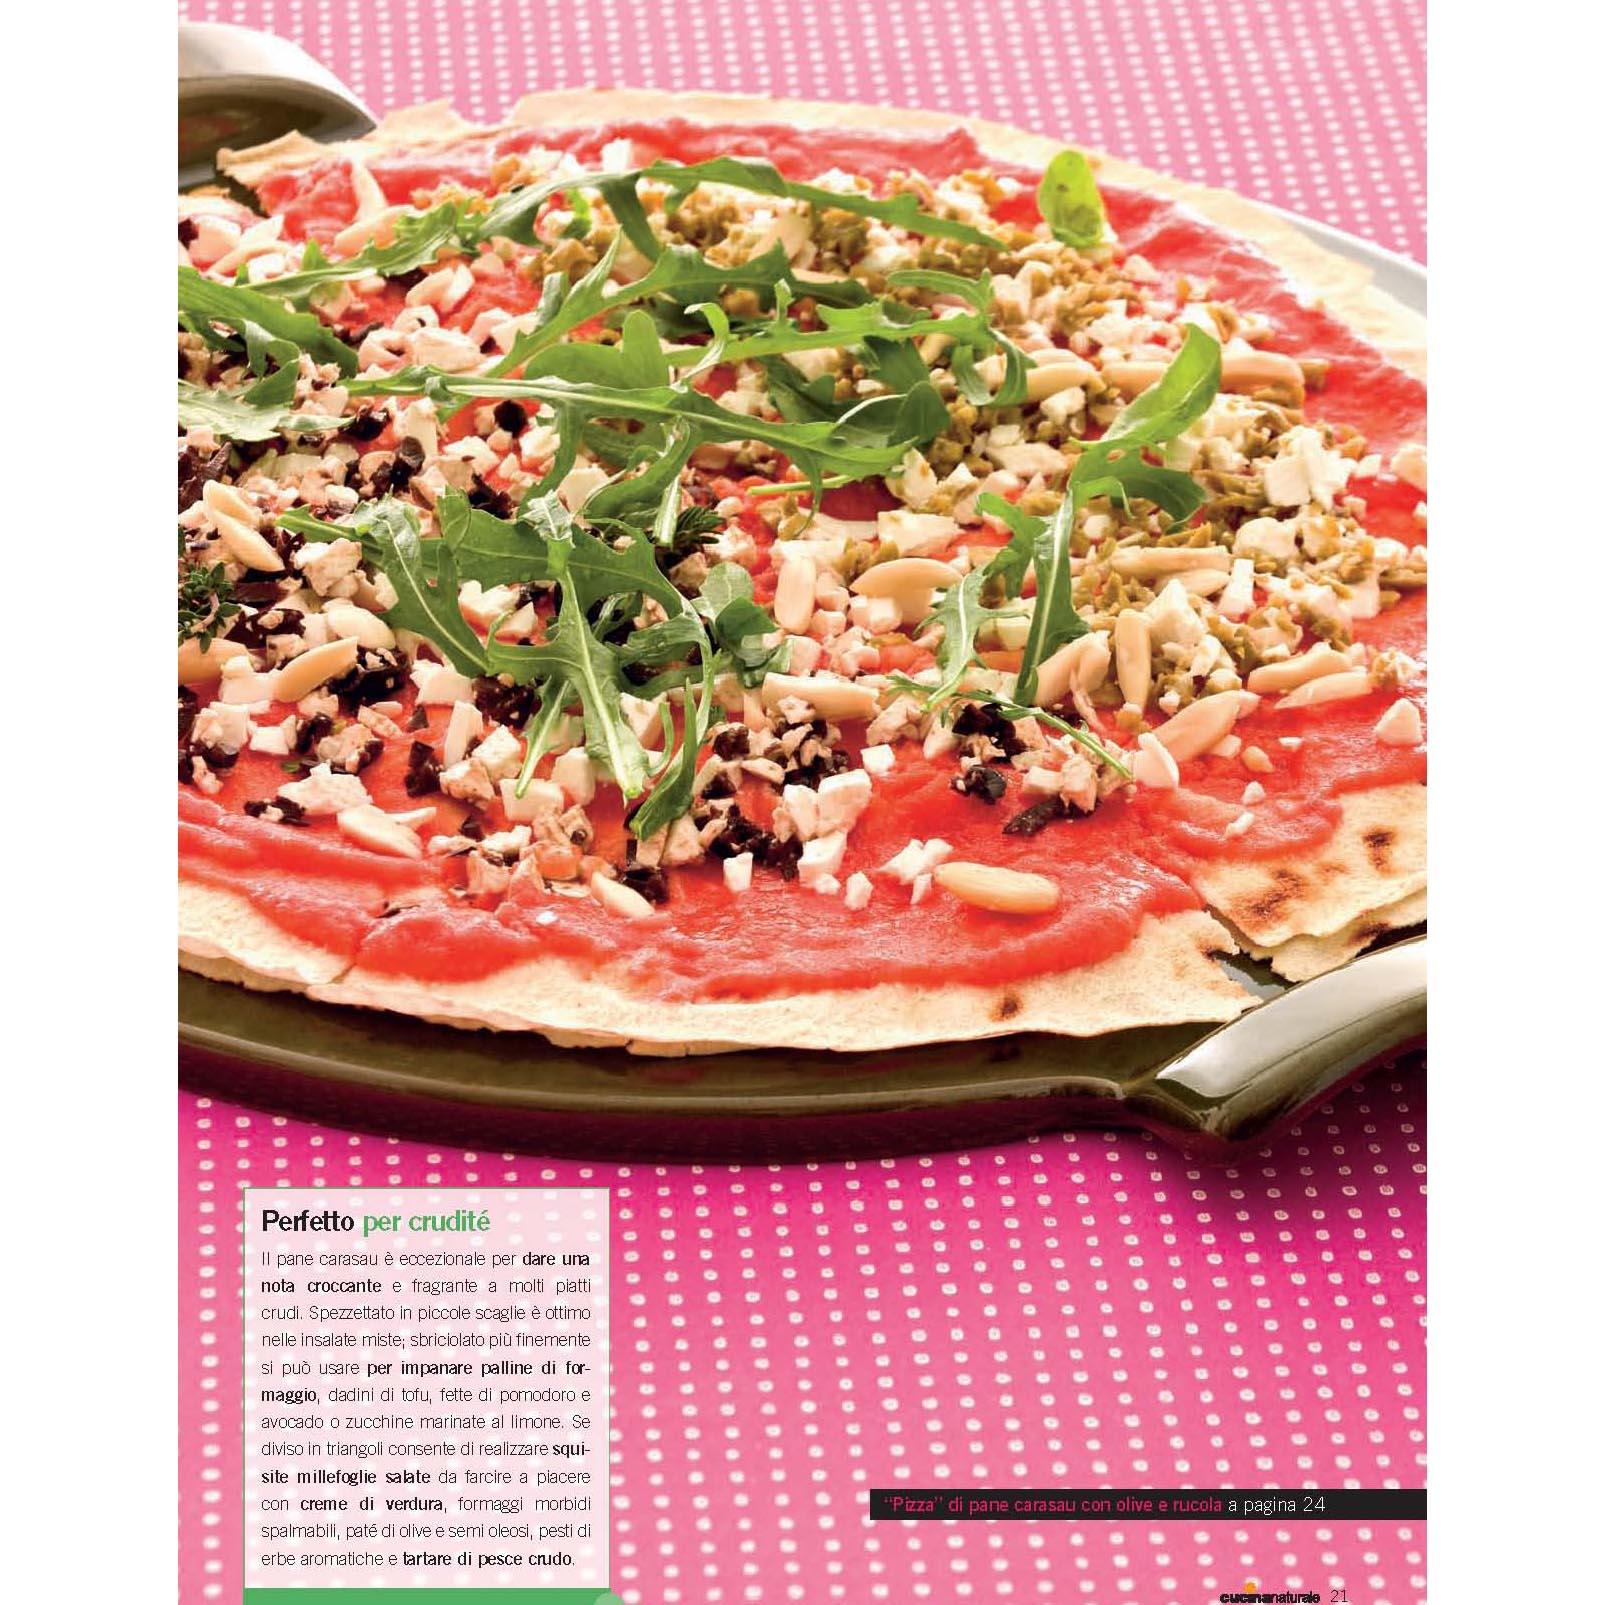 Cucina Naturale Di Giugno: Piatti Freschi E Crudi Menu Senza Glutine  #B22719 1605 1605 Cucina Mediterranea Senza Glutine Pdf